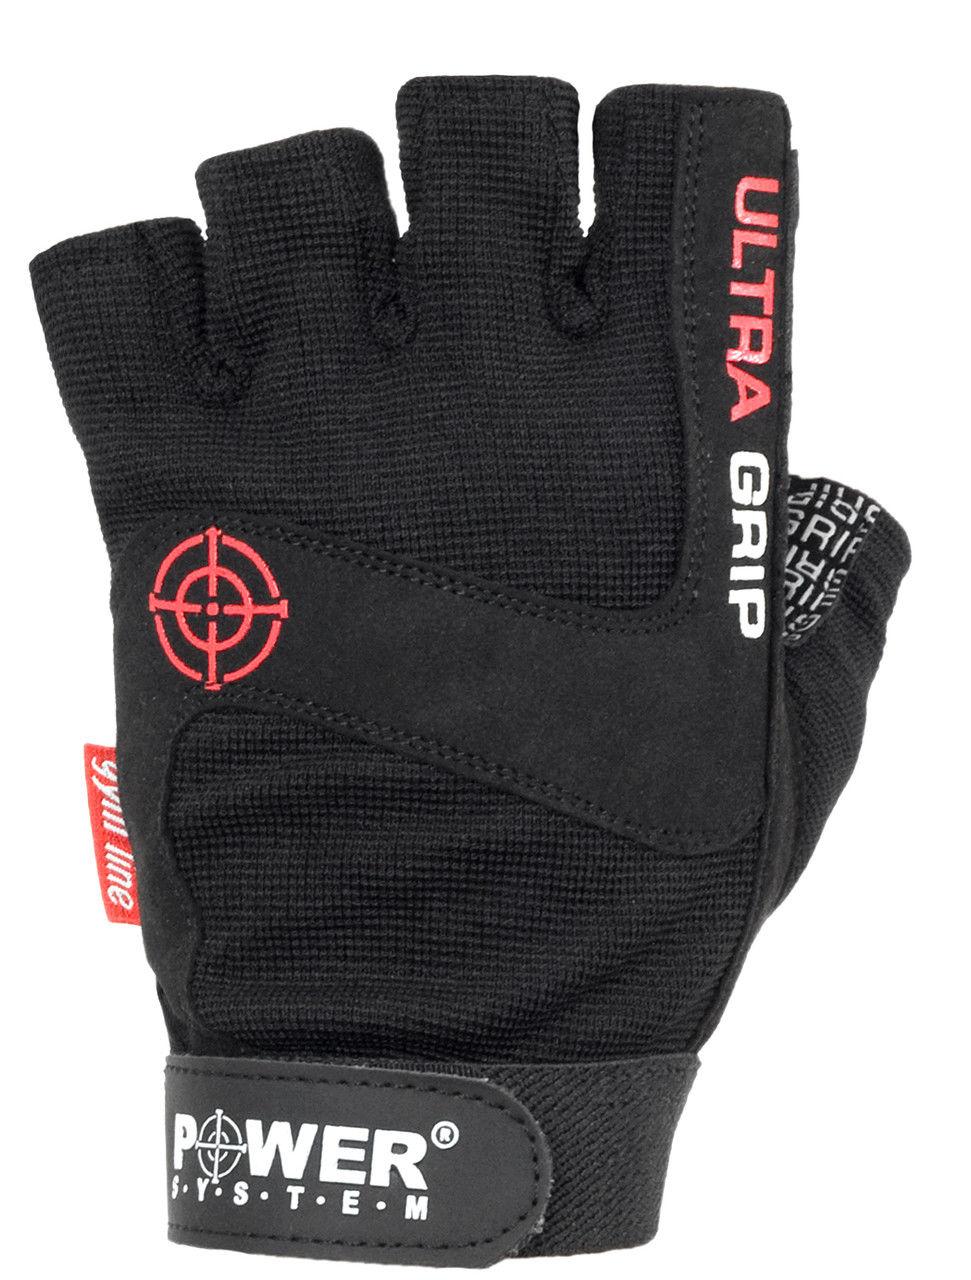 Перчатки Power System Ultra Grip PS-2400 L, Черный фото видео изображение